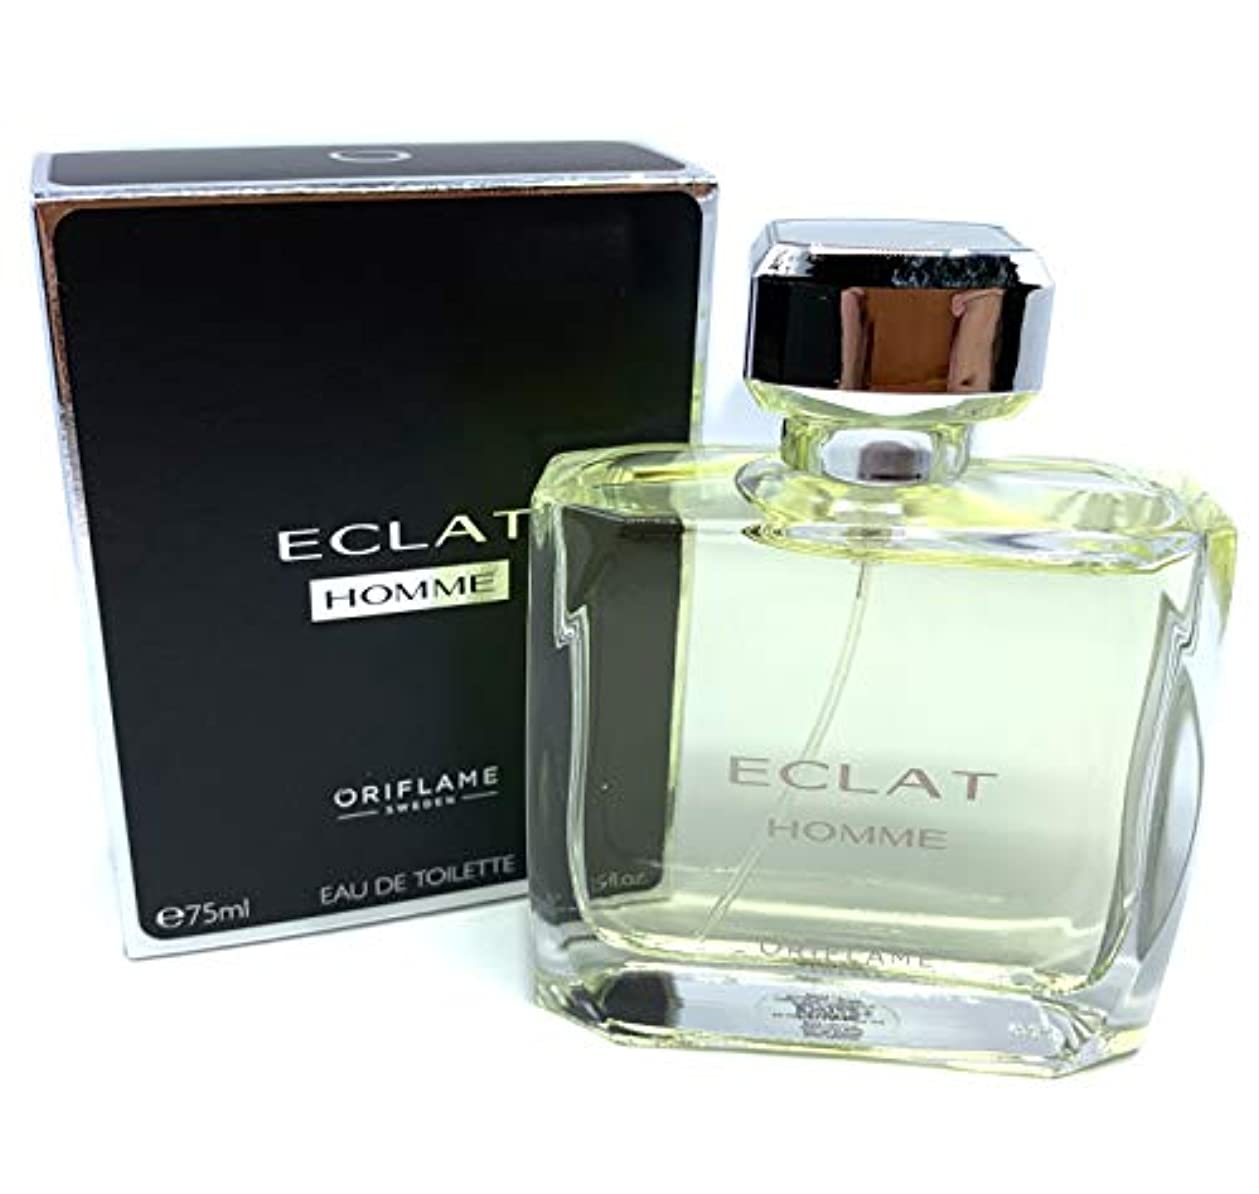 恐竜比較瞑想するORIFLAME Eclat Homme Eau De Toilette Natural Spray For Him 75ml - 2.5oz